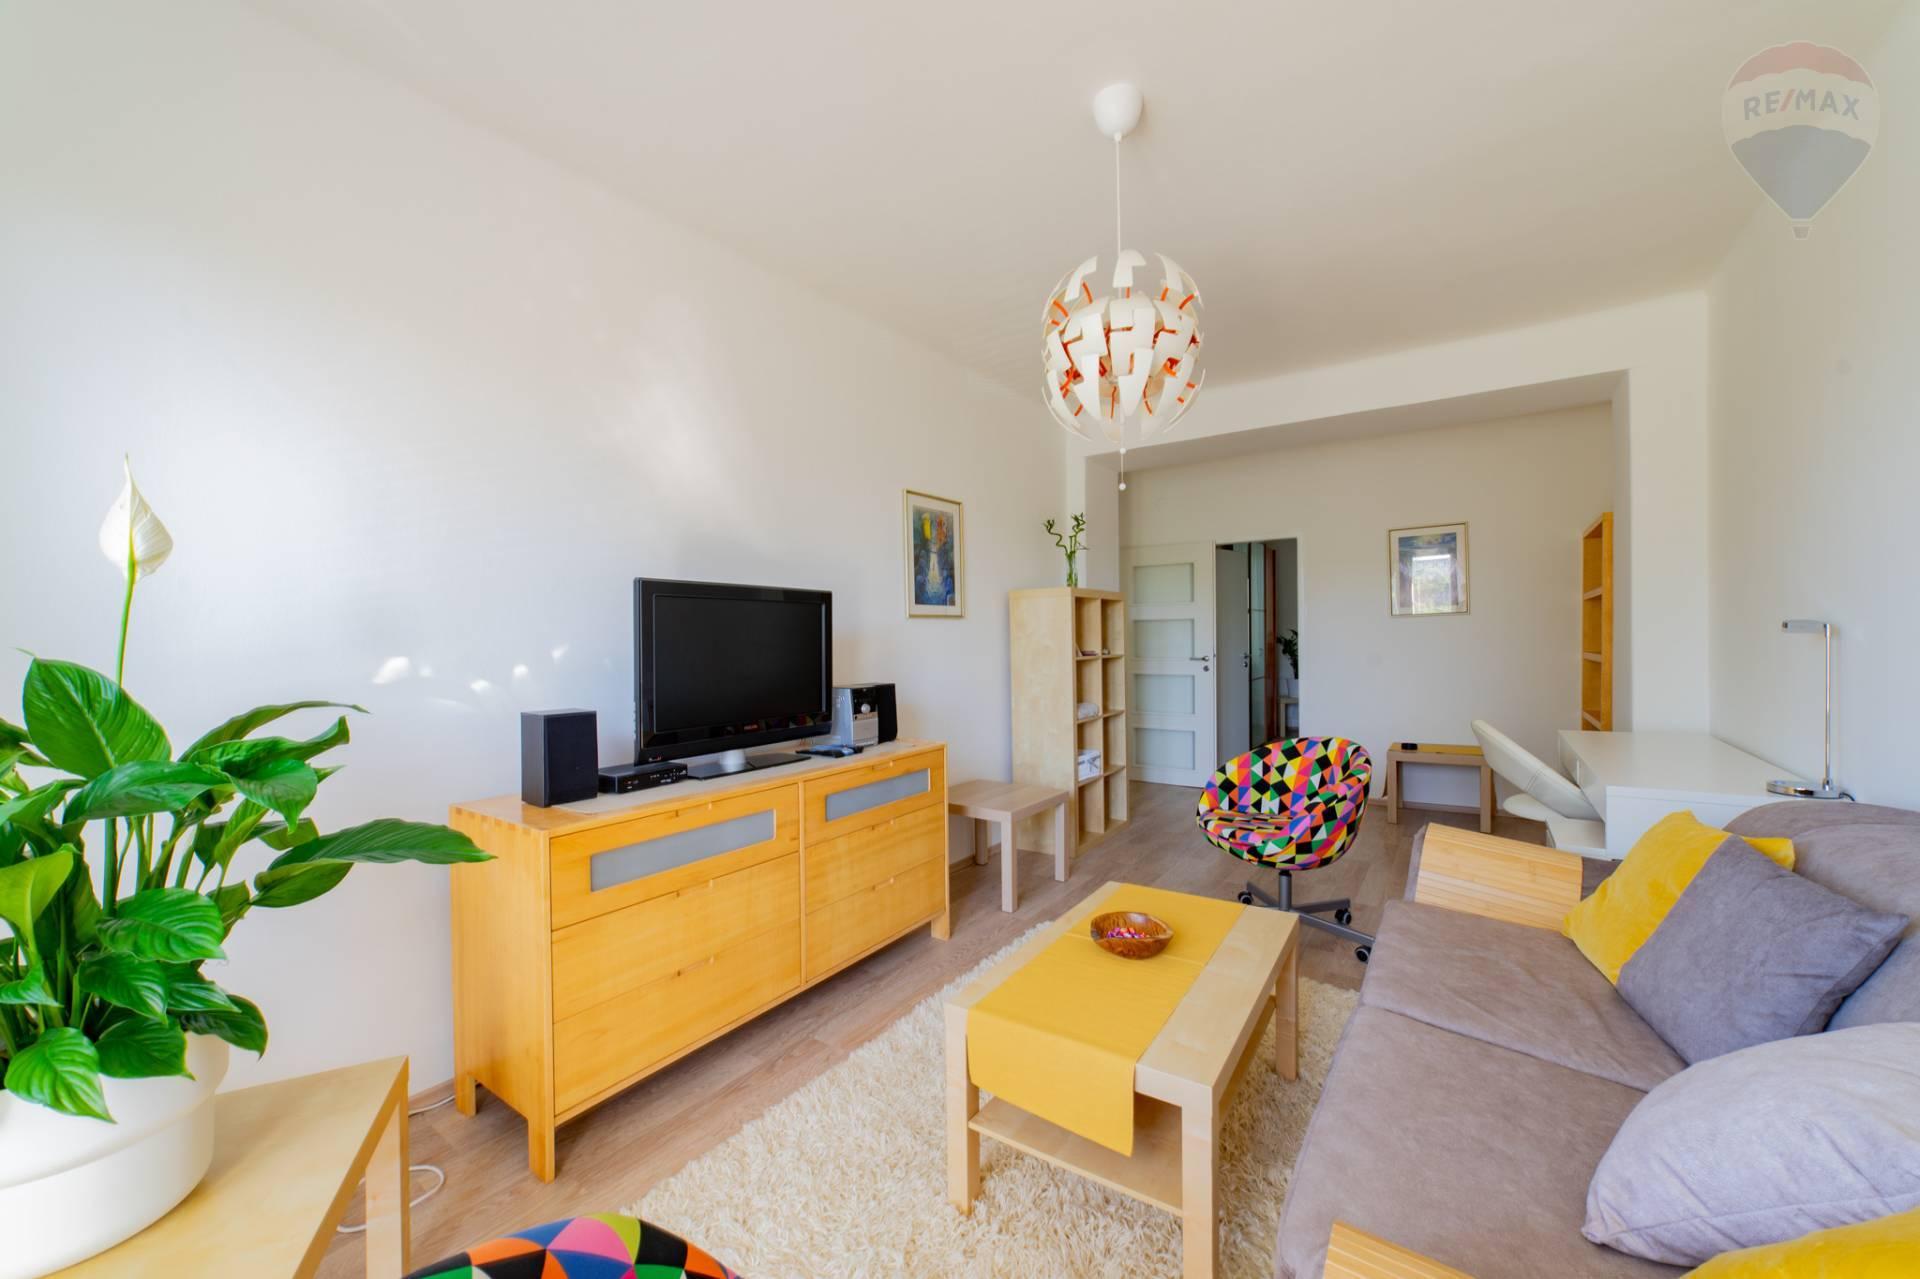 PRENÁJOM >> 2 izbový byt ulica Herlianska 10